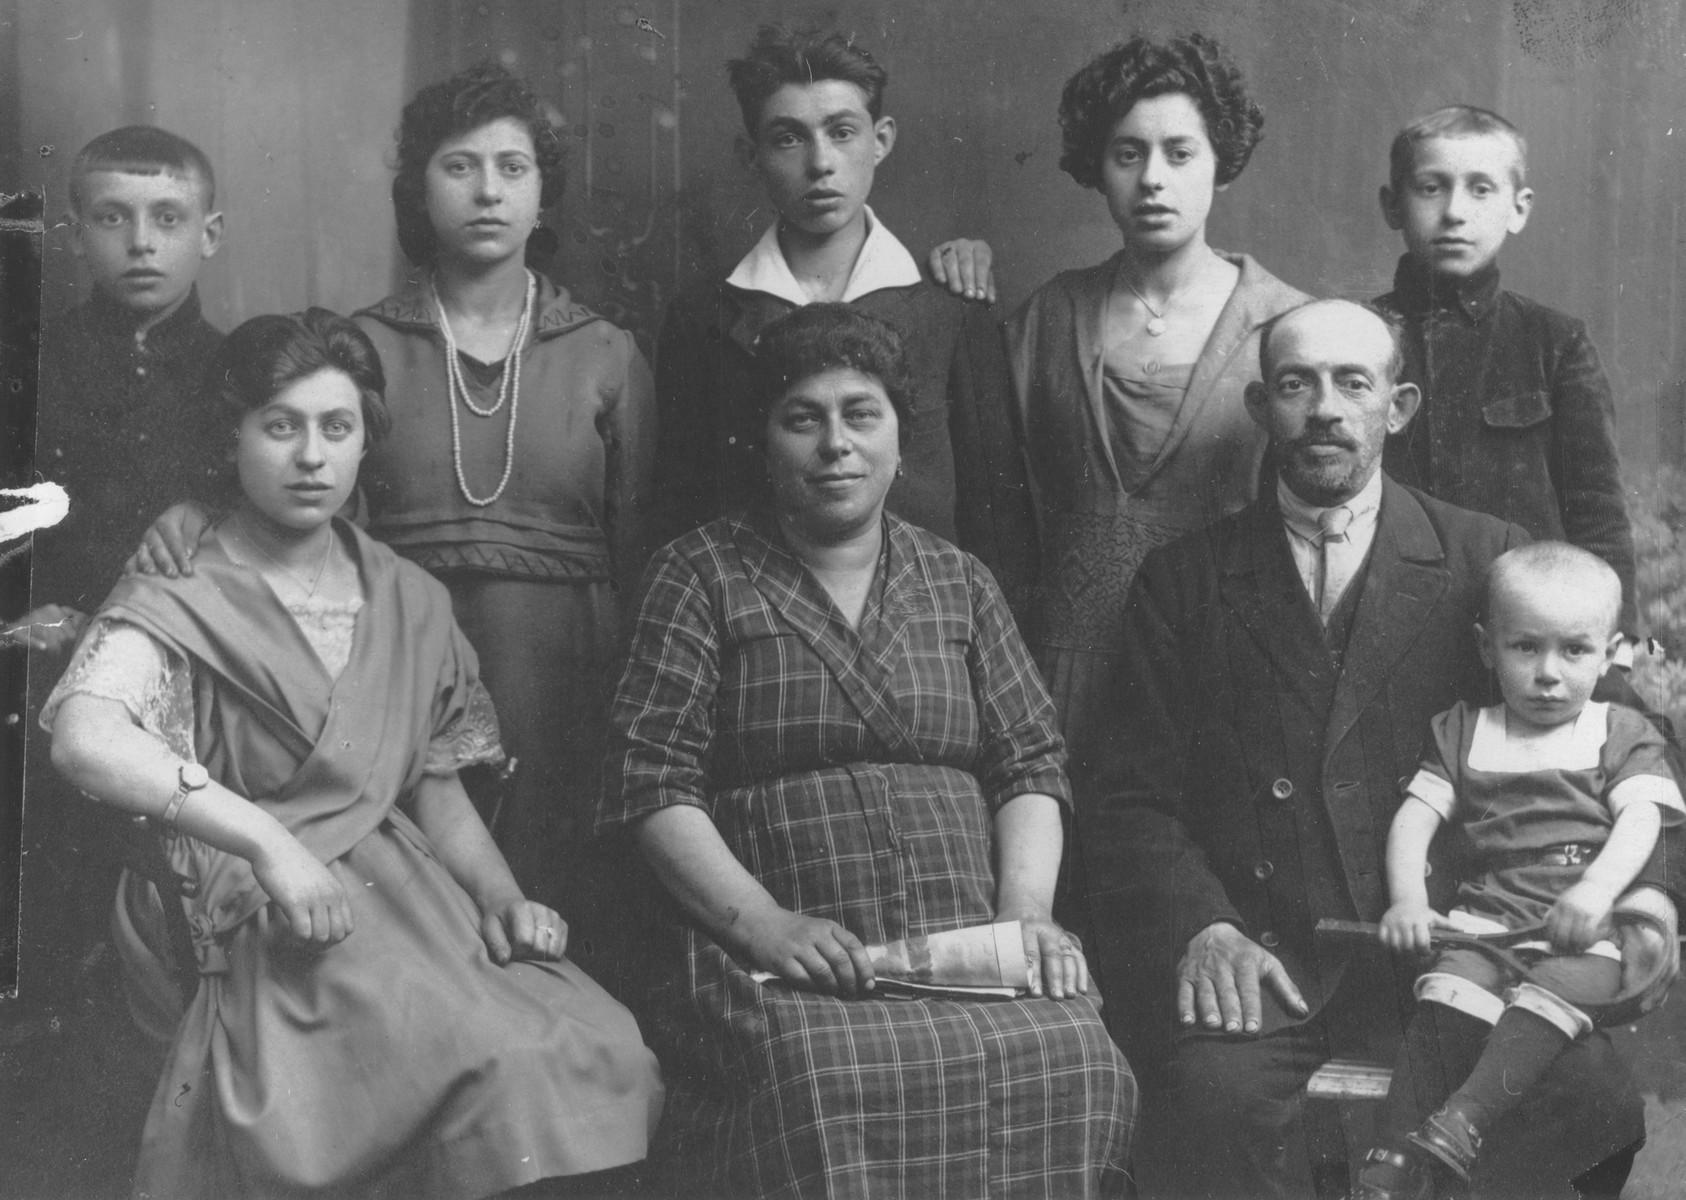 Studio portrait of the Szczukowski family in Lodz.  Seated from left to right are: Frida, Hynda, Mendel and Majzesz Szczukowski.  Standing are Hershel,Toba, Abba, Kyla, and Itcha Szczukowski.